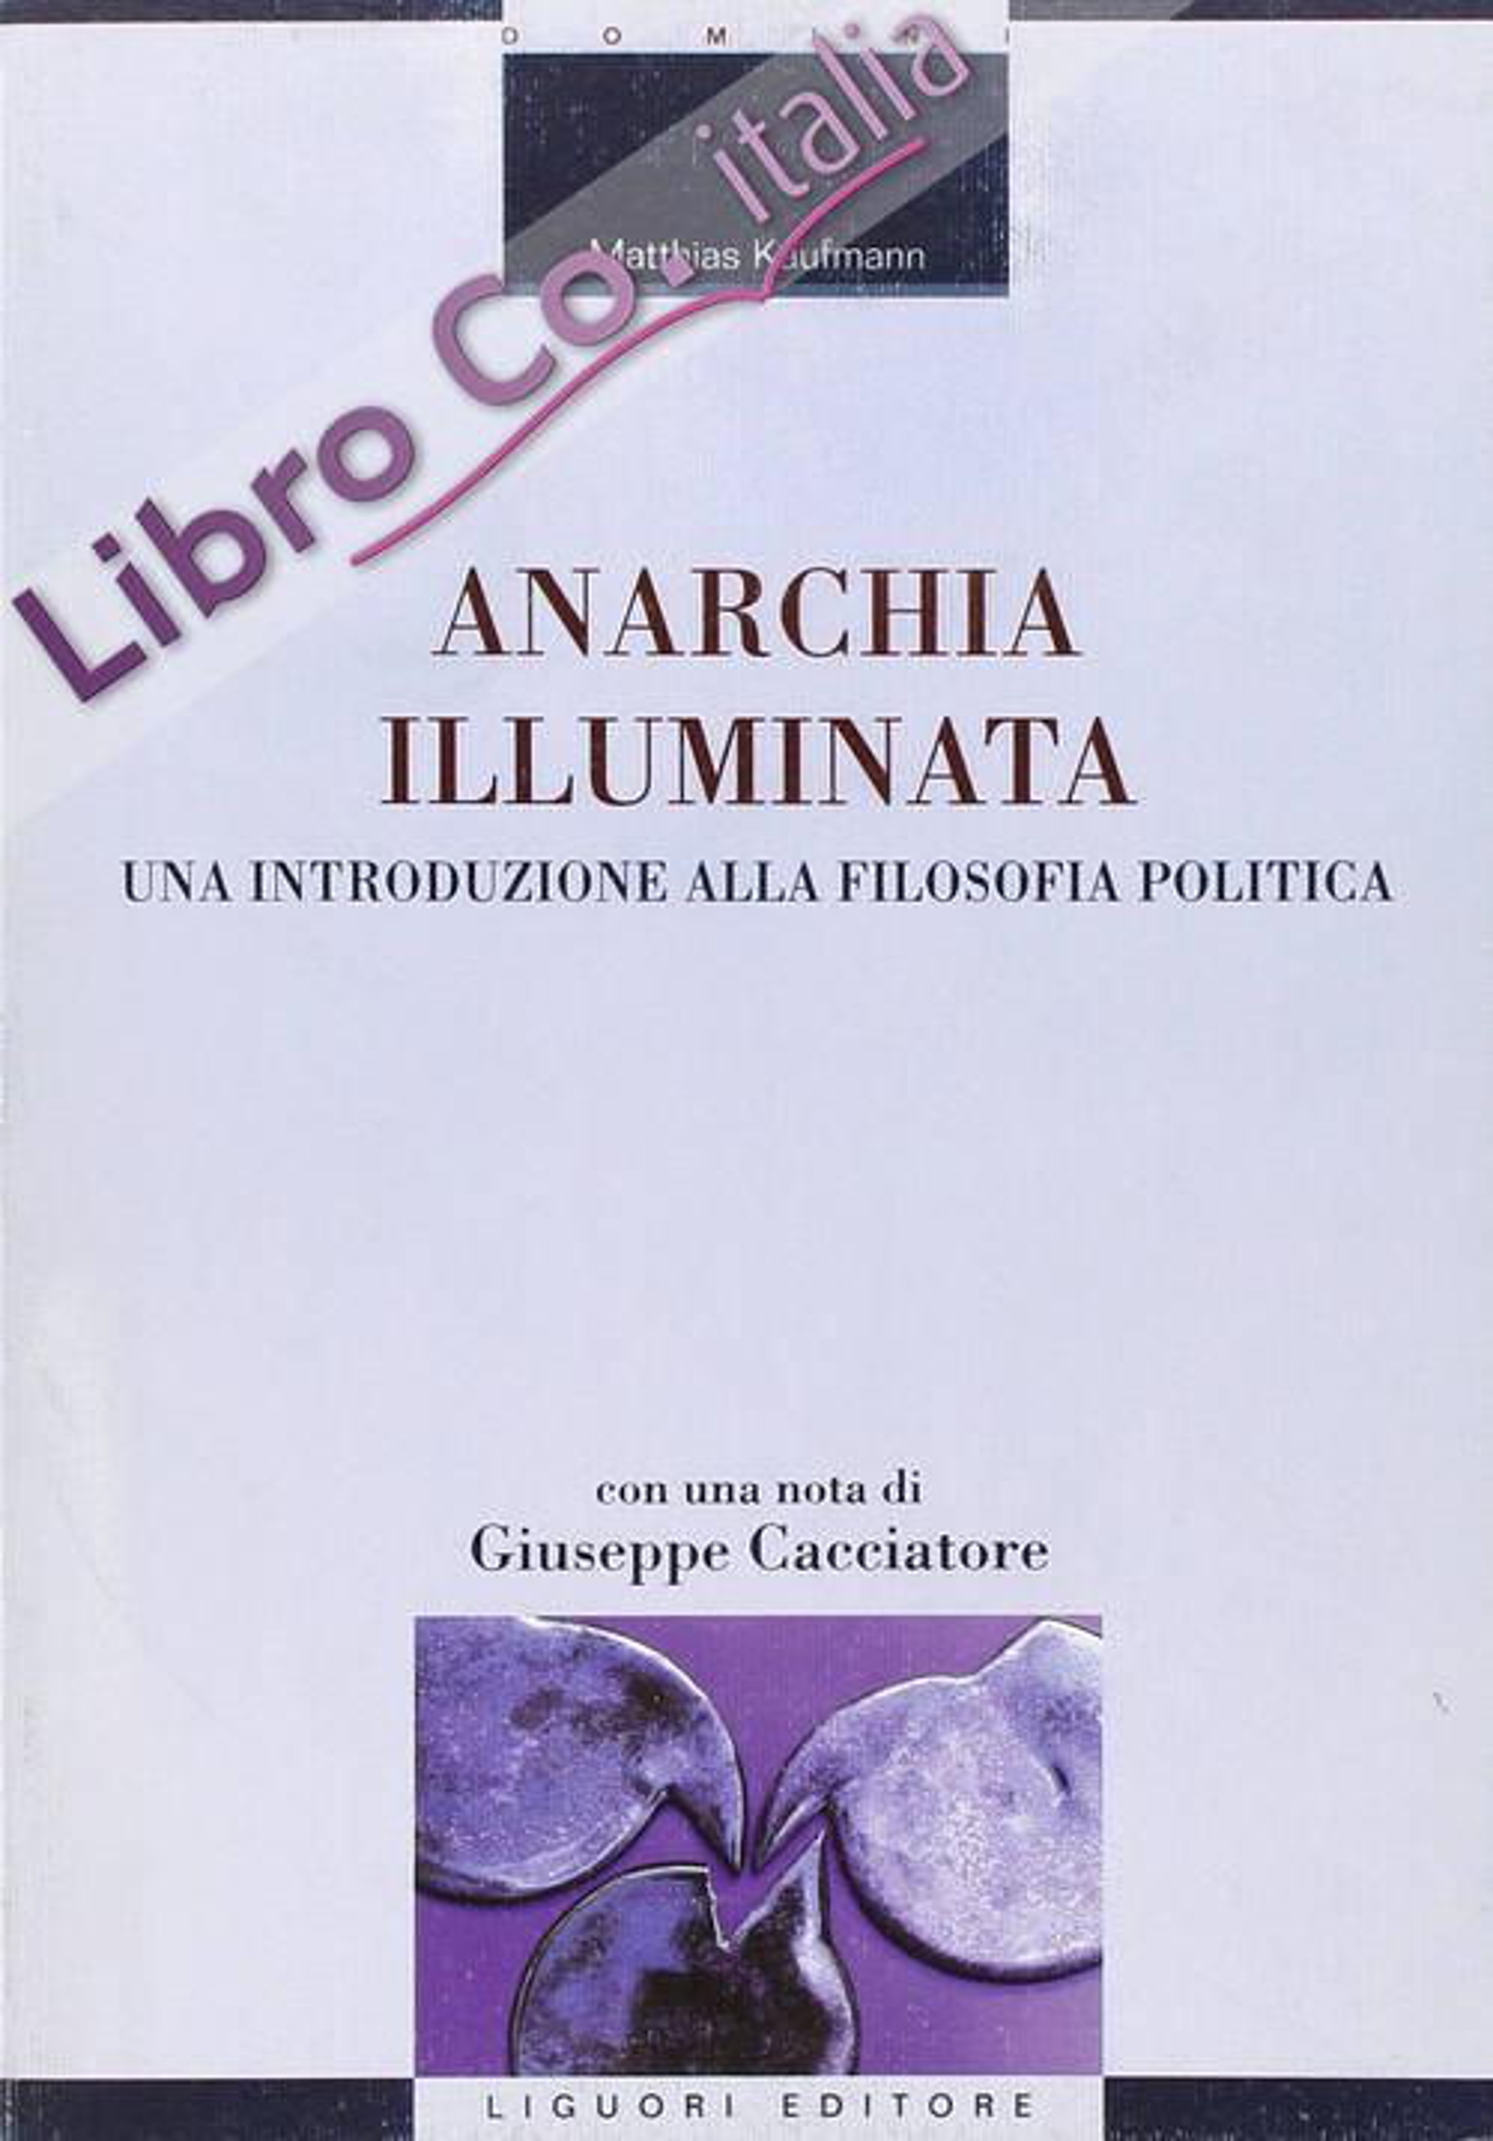 Anarchia illuminata. Una introduzione alla filosofia politica